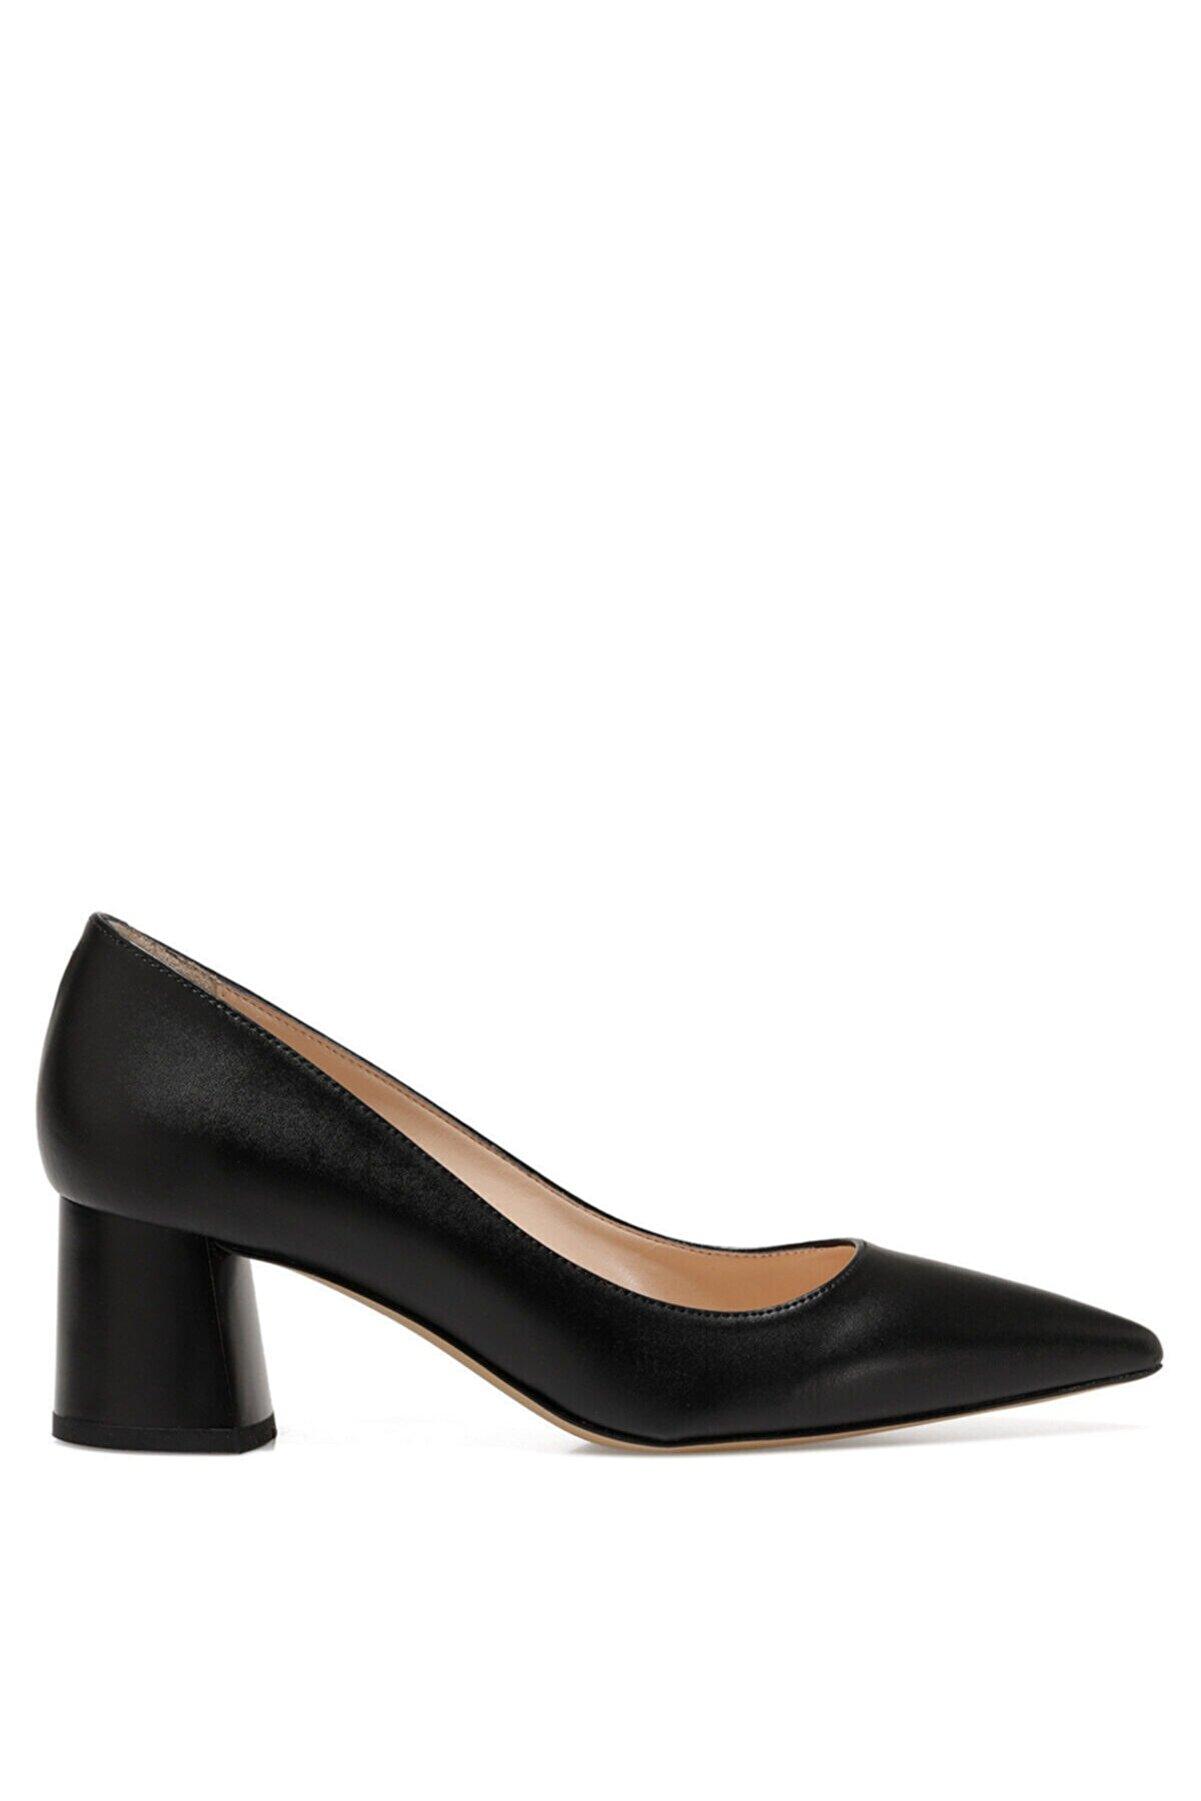 Nine West RUBINA Siyah Kadın Gova Ayakkabı 100582097